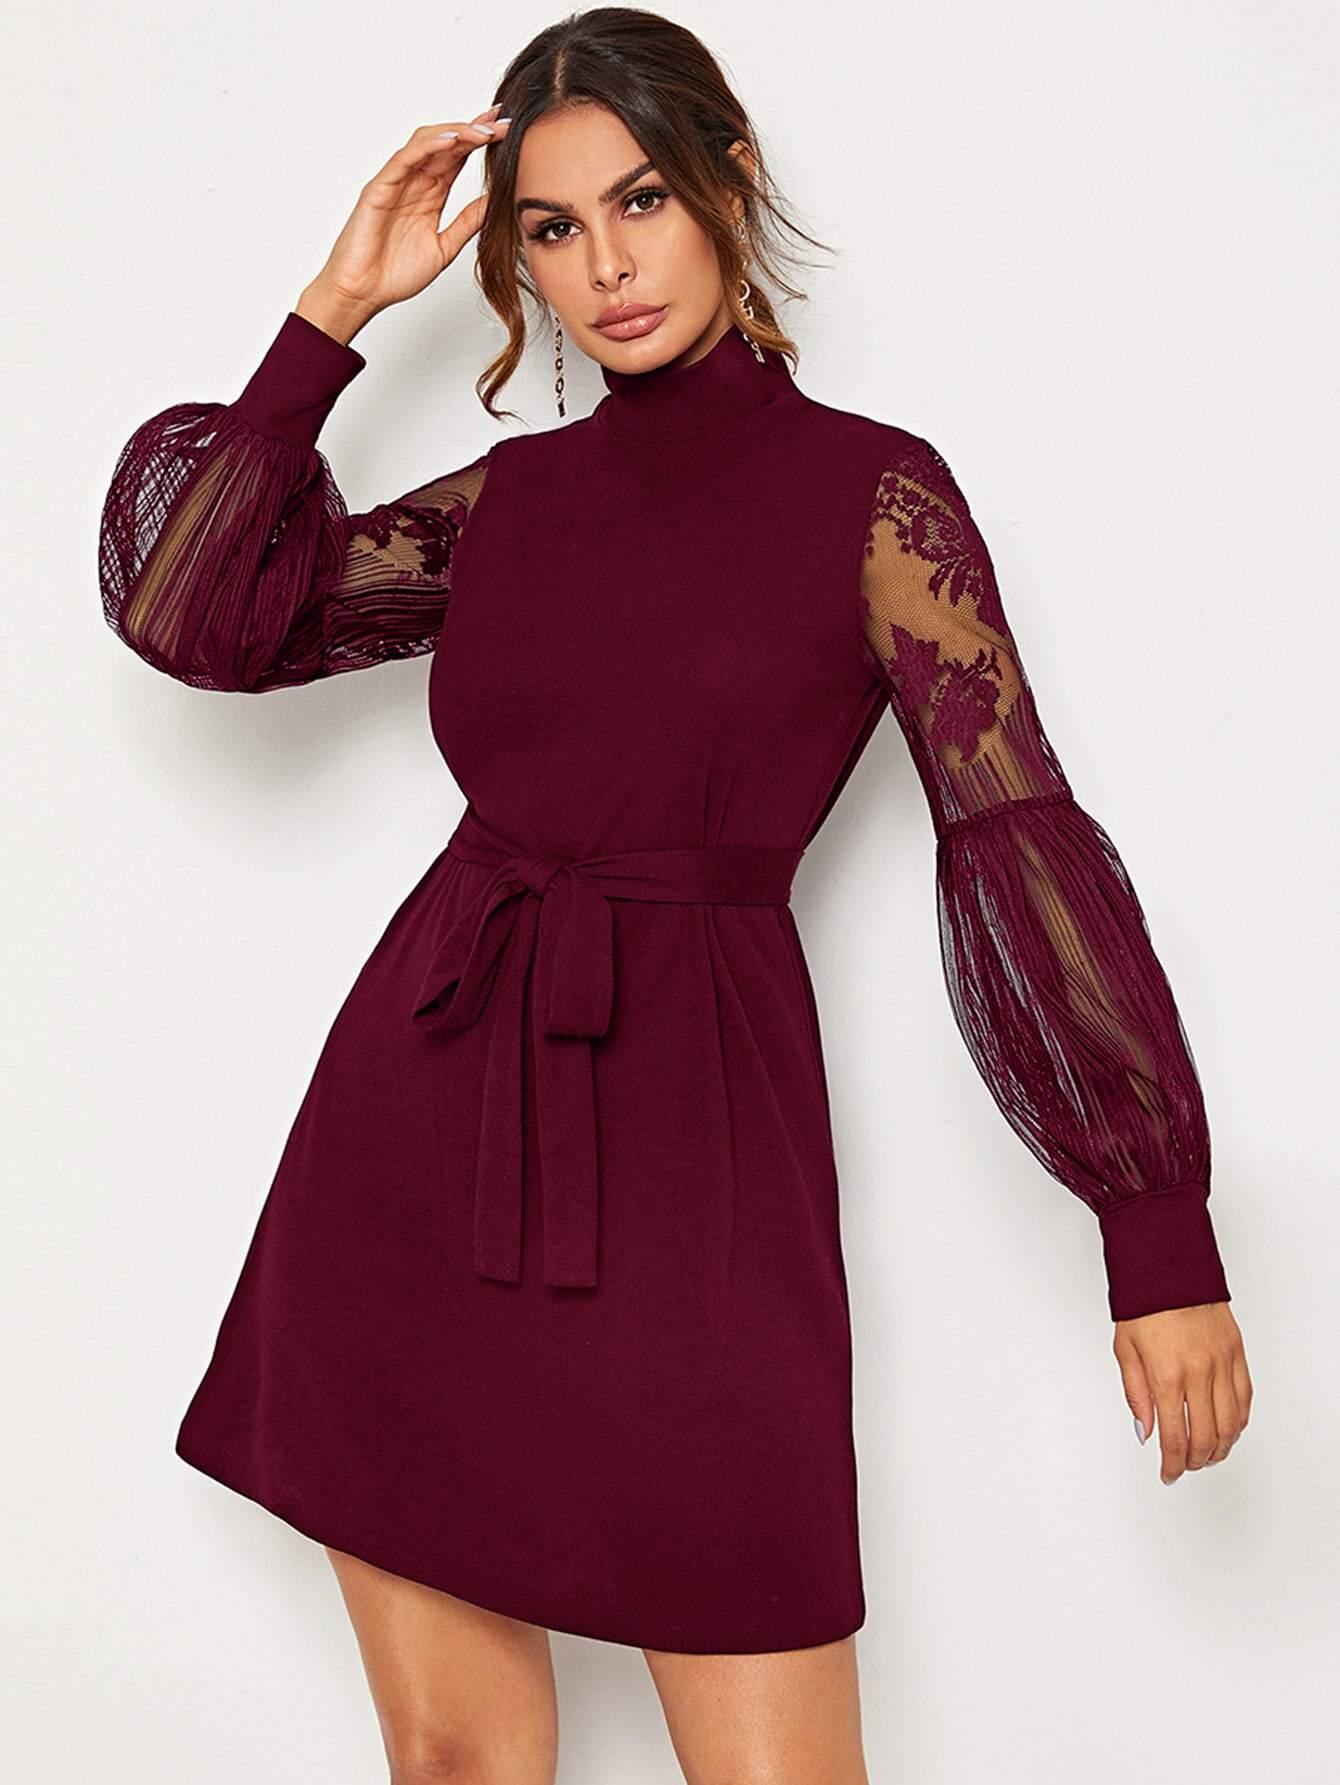 Платье с высоким вырезом, кружевным рукавом и поясом